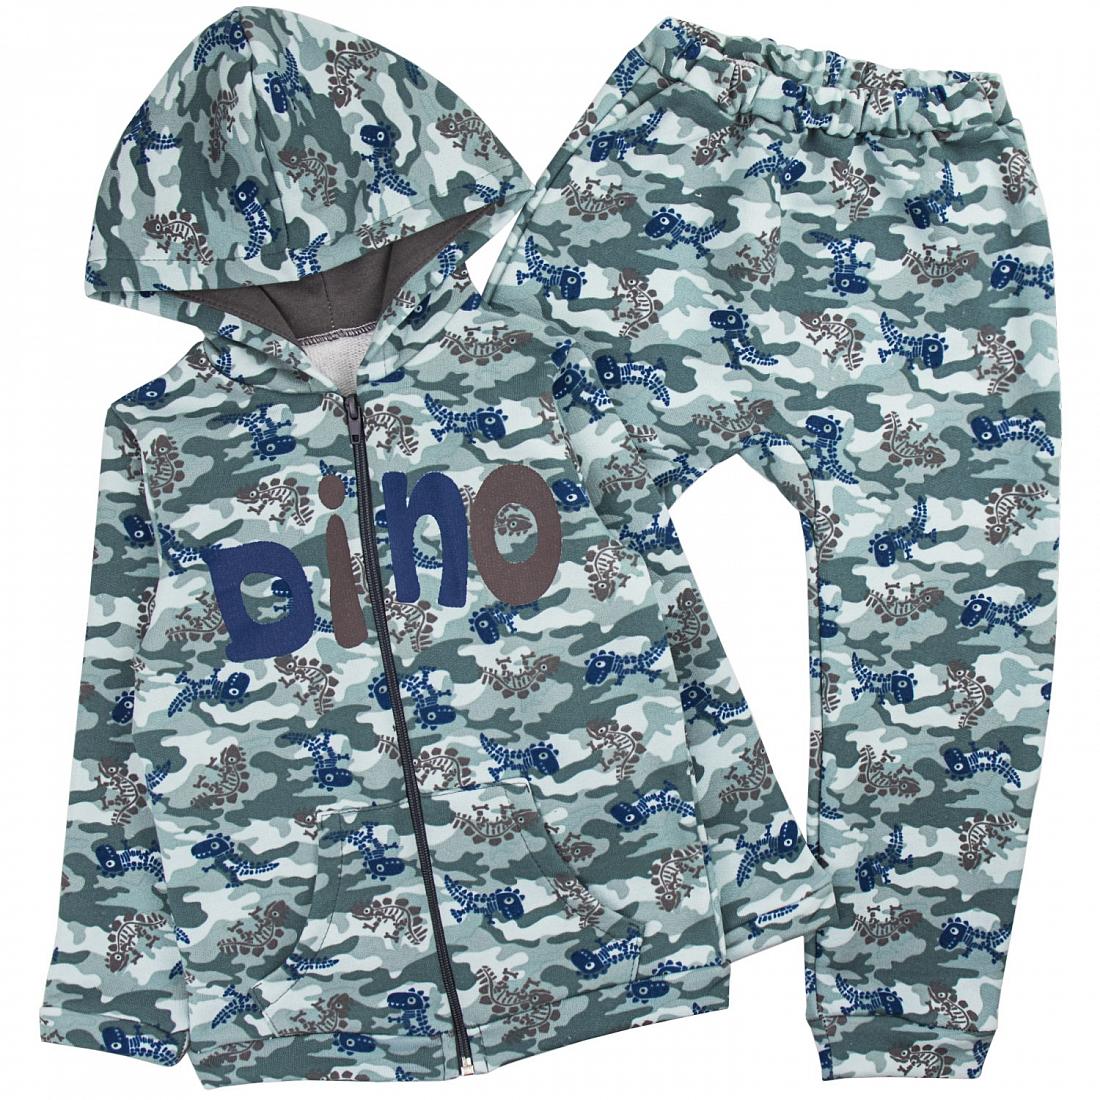 Спортивный костюм для девочек Юлла 819/820ф ап цв. зеленый  р.104